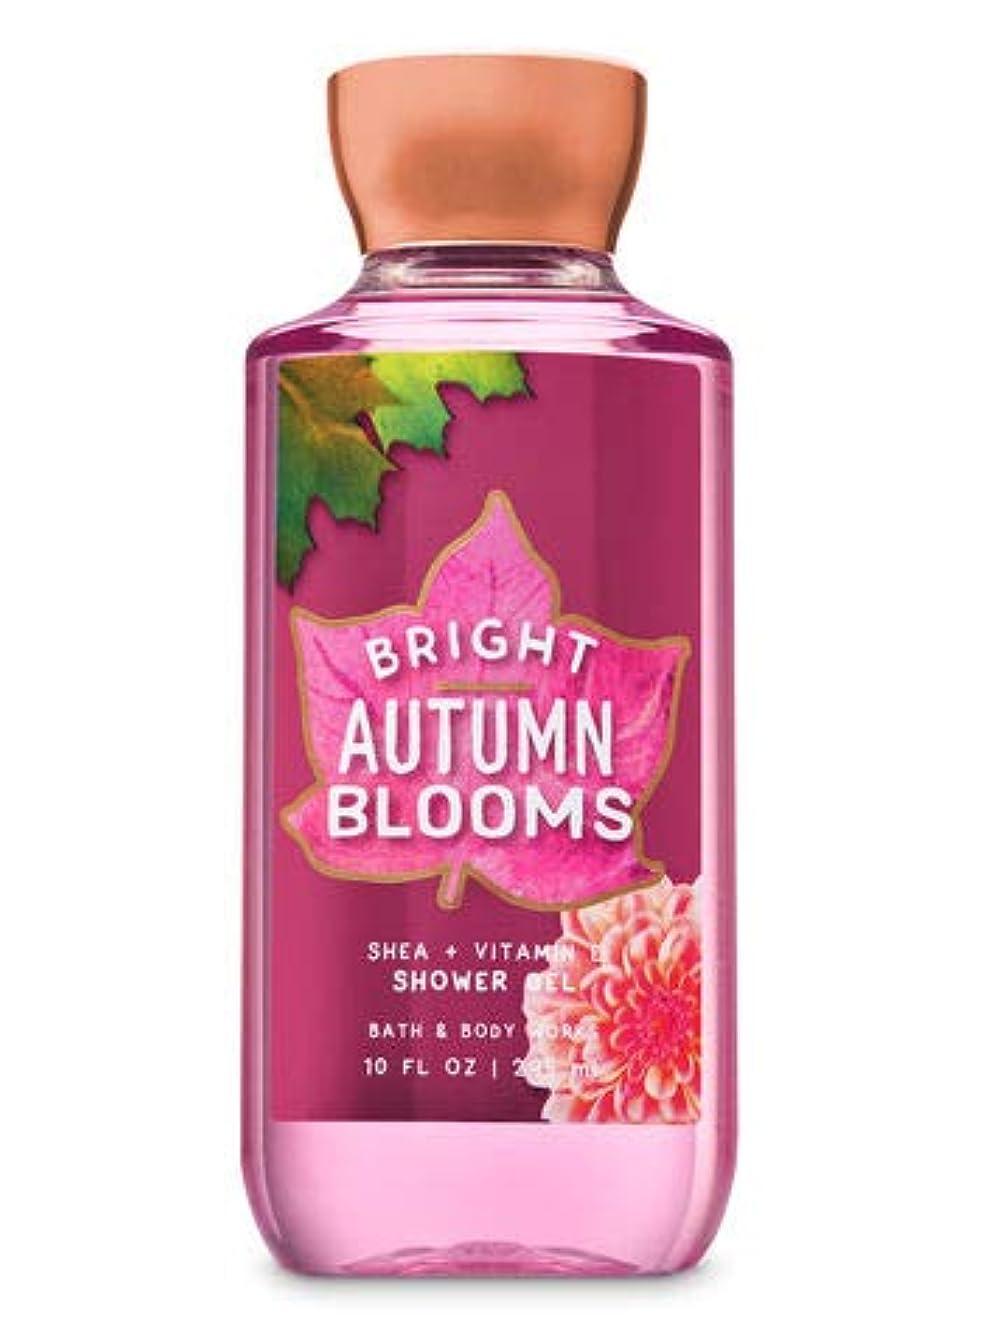 逃す膨らみ腐った【Bath&Body Works/バス&ボディワークス】 シャワージェル ブライトオータムブルーム Shower Gel Bright Autumn Blooms 10 fl oz / 295 mL [並行輸入品]